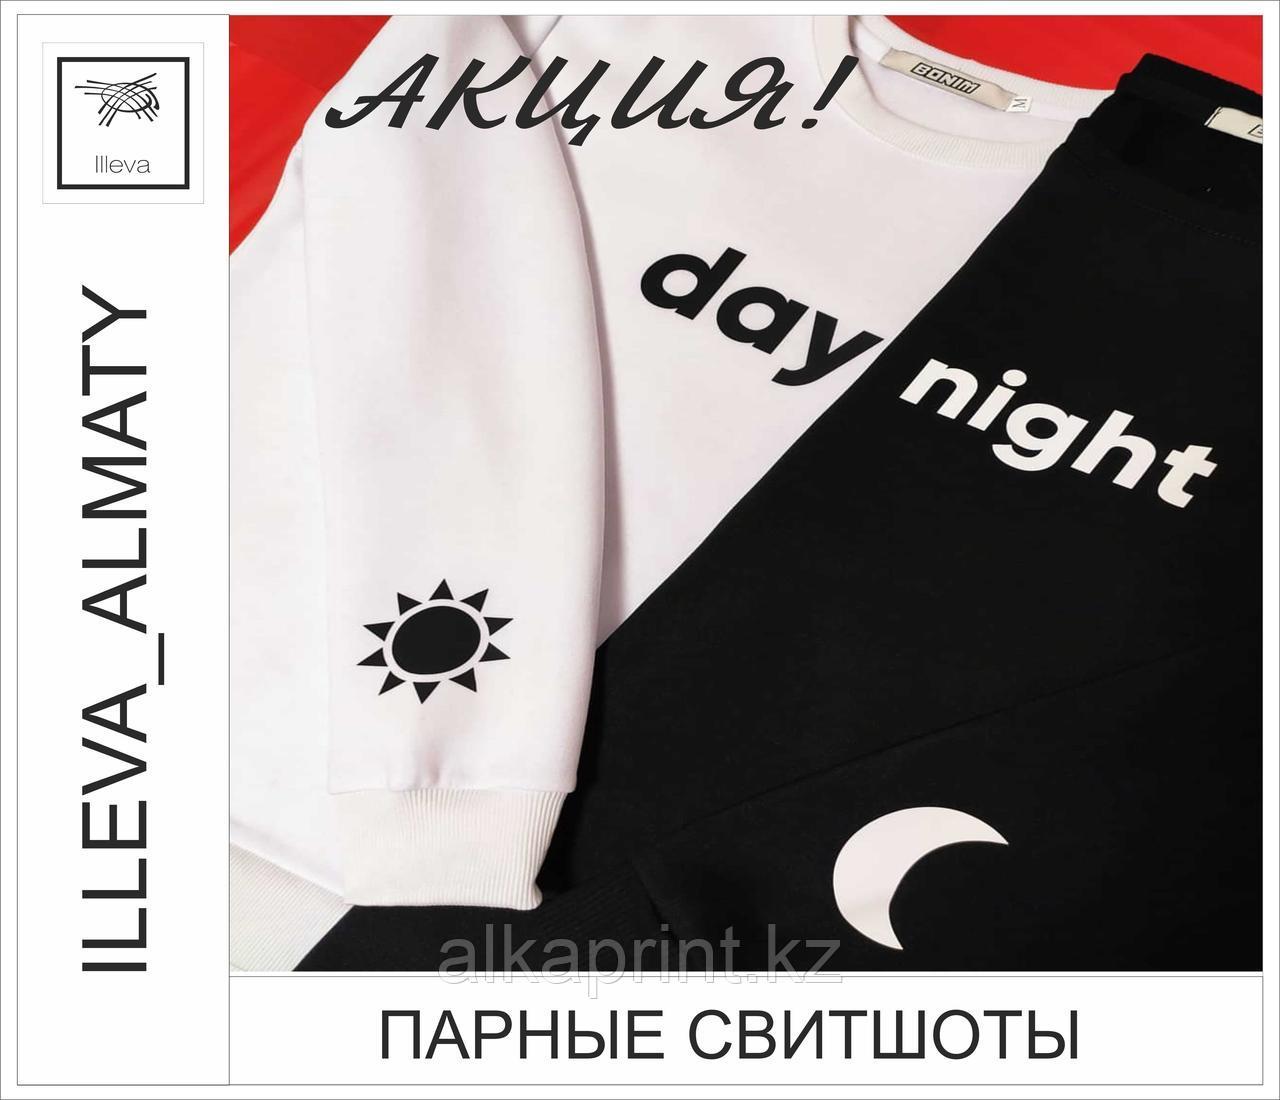 Нанесение логотипа на футболки в Алматы - фото 5